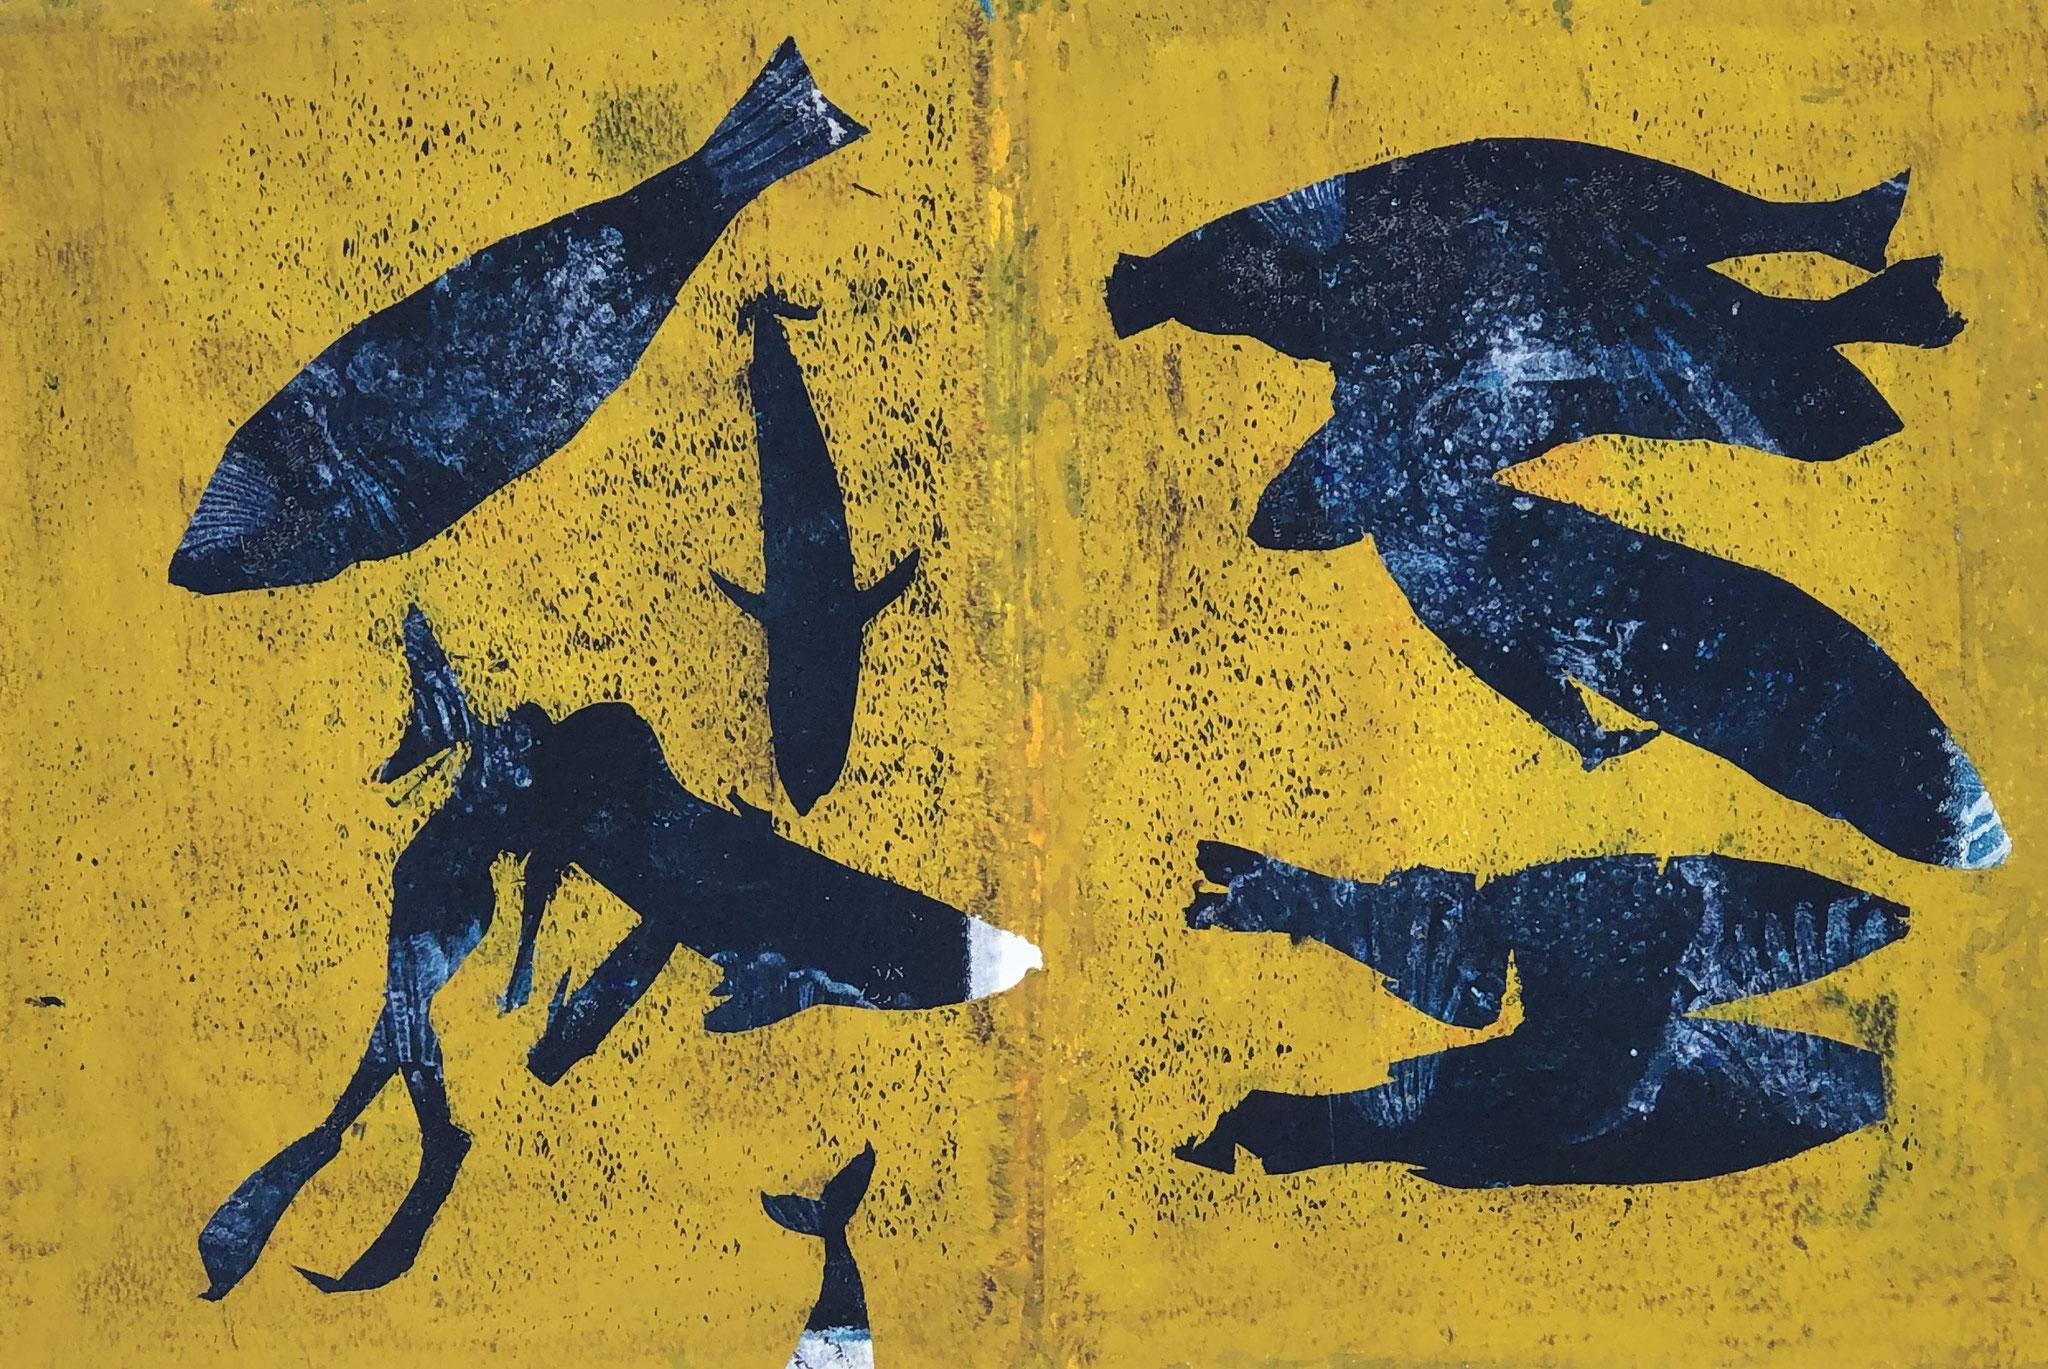 WINGS-MUMBO Acryl auf Papier - 42 x  56 cm